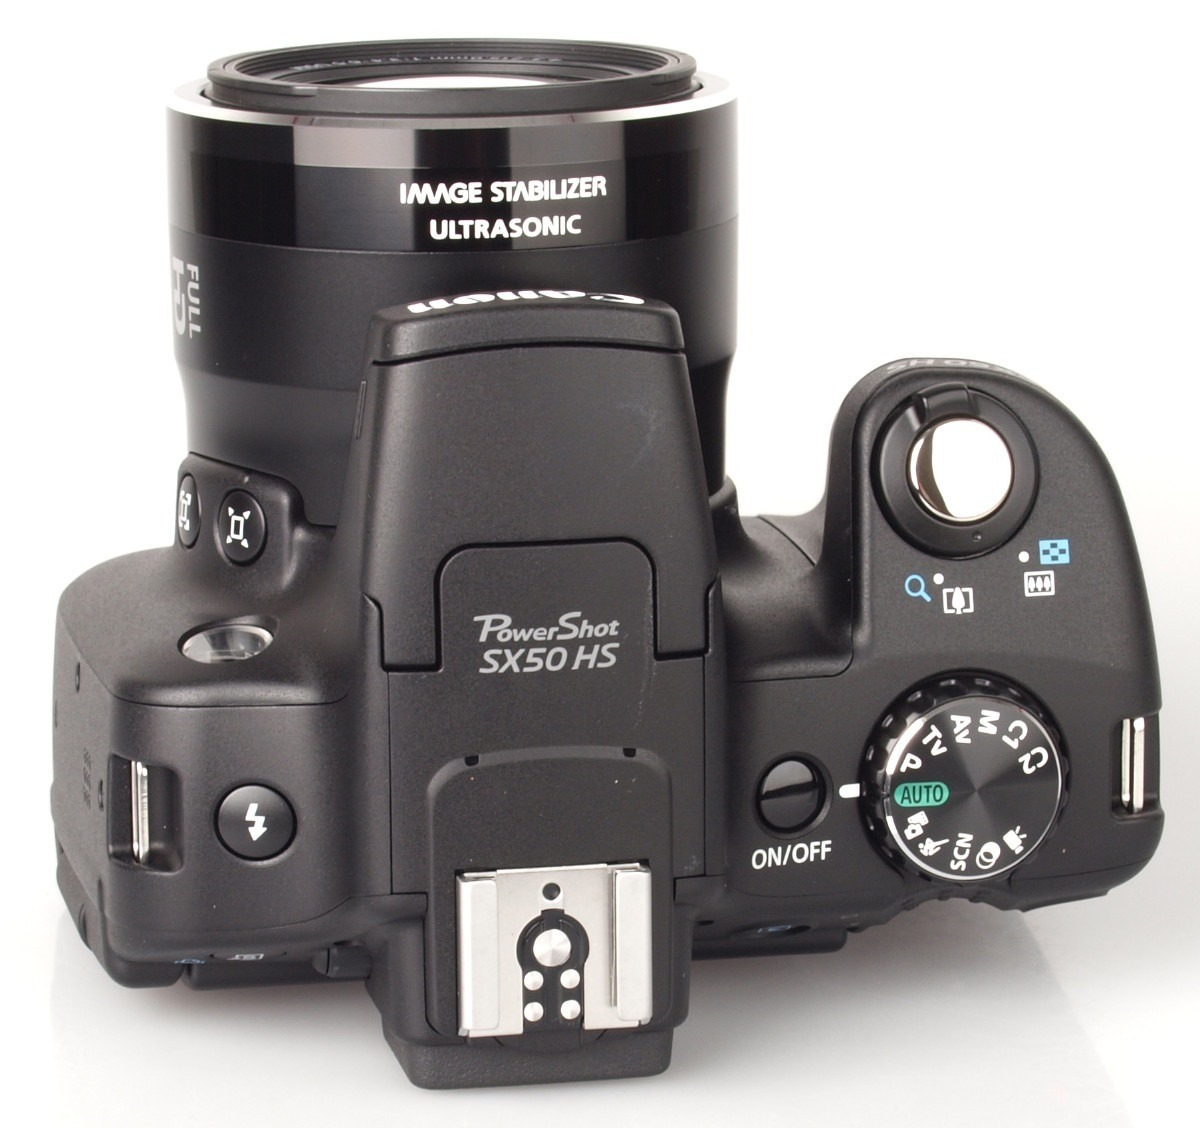 camera digital canon sx50 hs zoom 50x hdmi full hd r em mercado livre. Black Bedroom Furniture Sets. Home Design Ideas